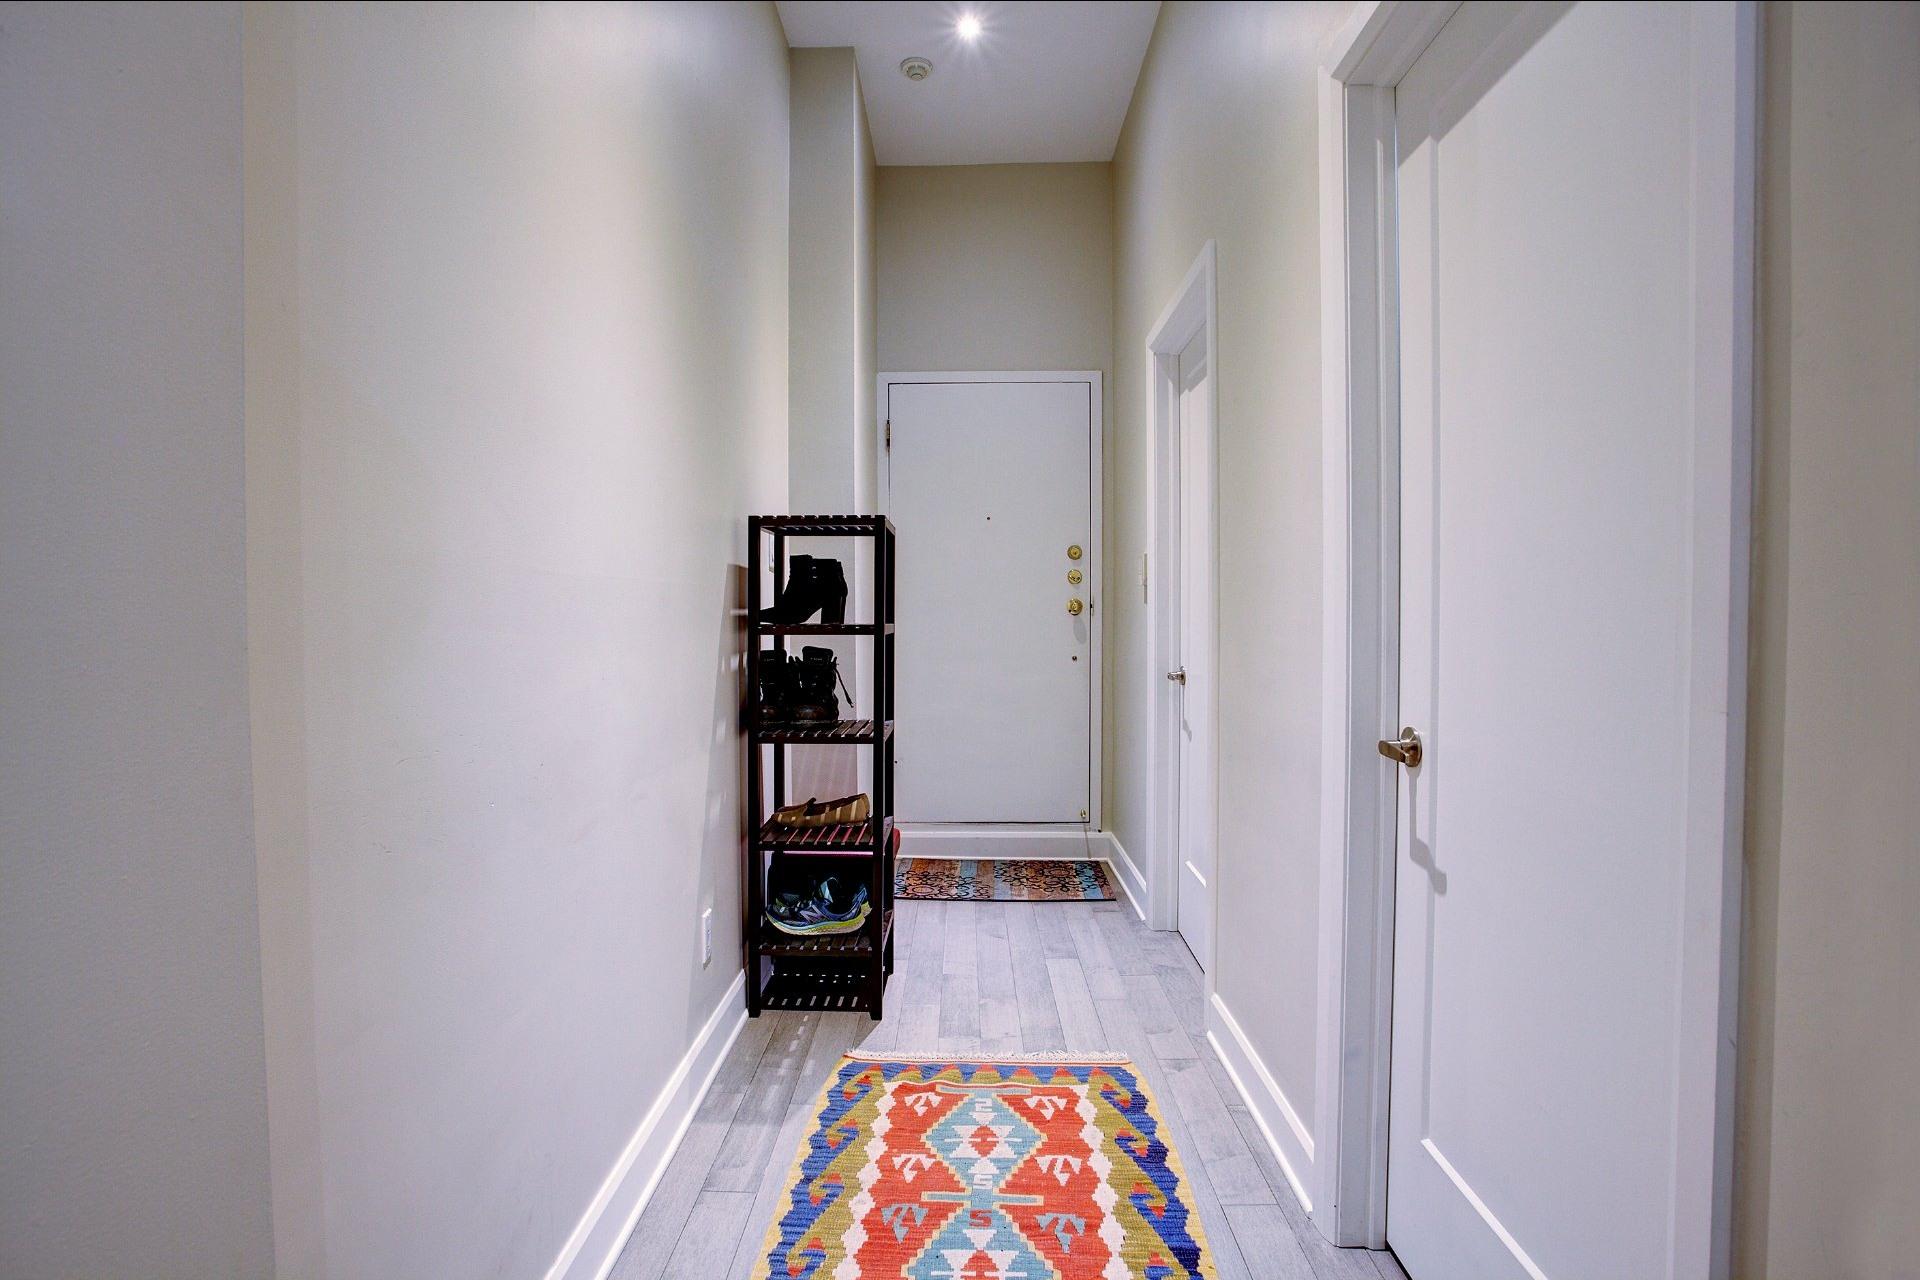 image 1 - Appartement À louer Montréal Ville-Marie  - 6 pièces